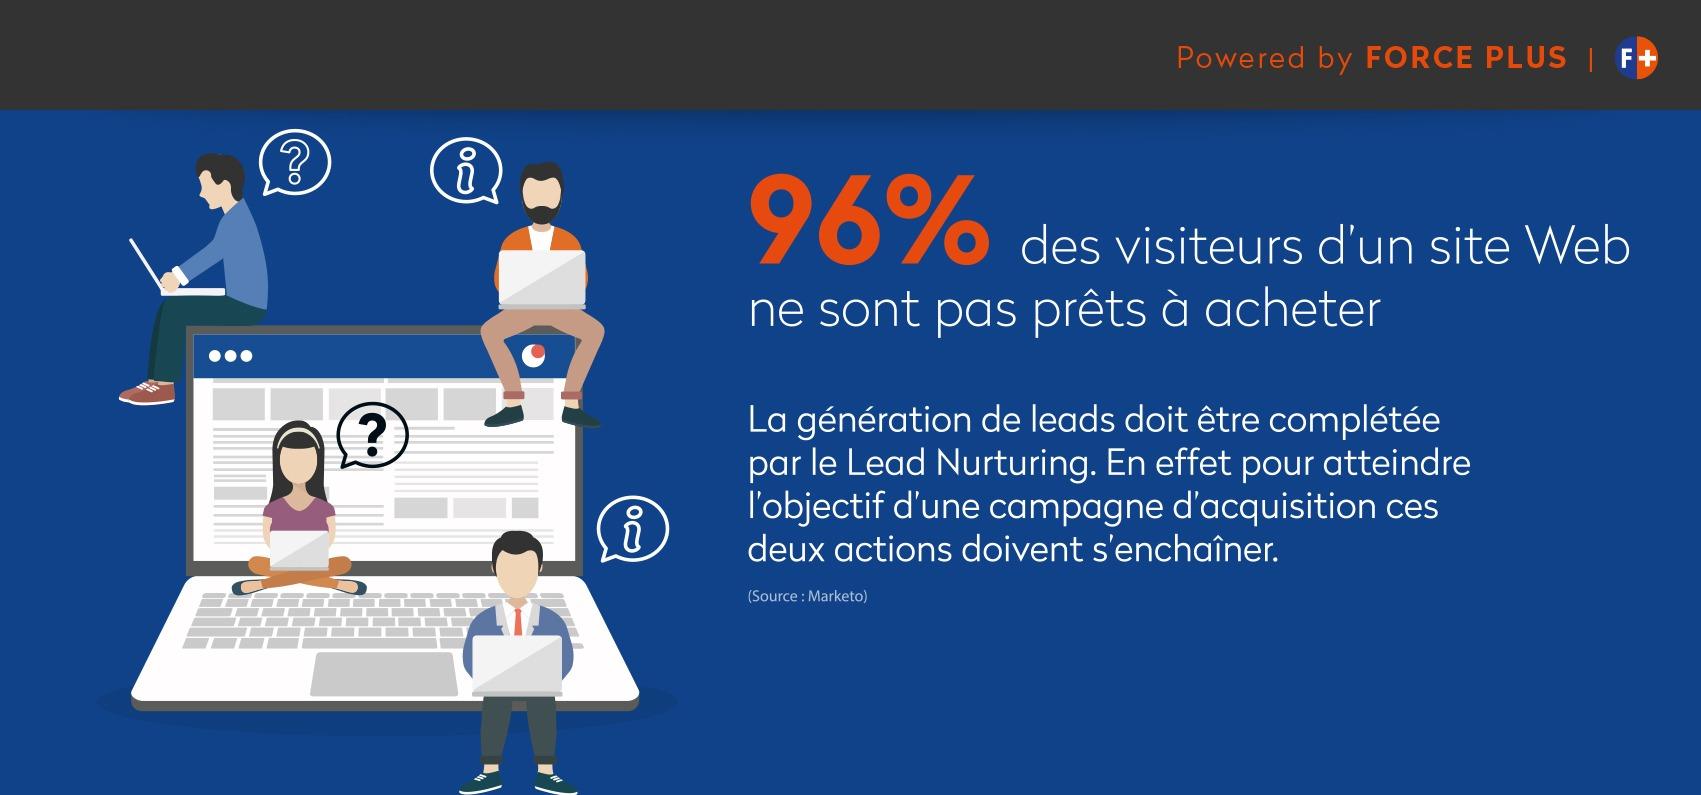 lead nurturing, 96% des visiteurs ne se transforment pas en client | Force Plus